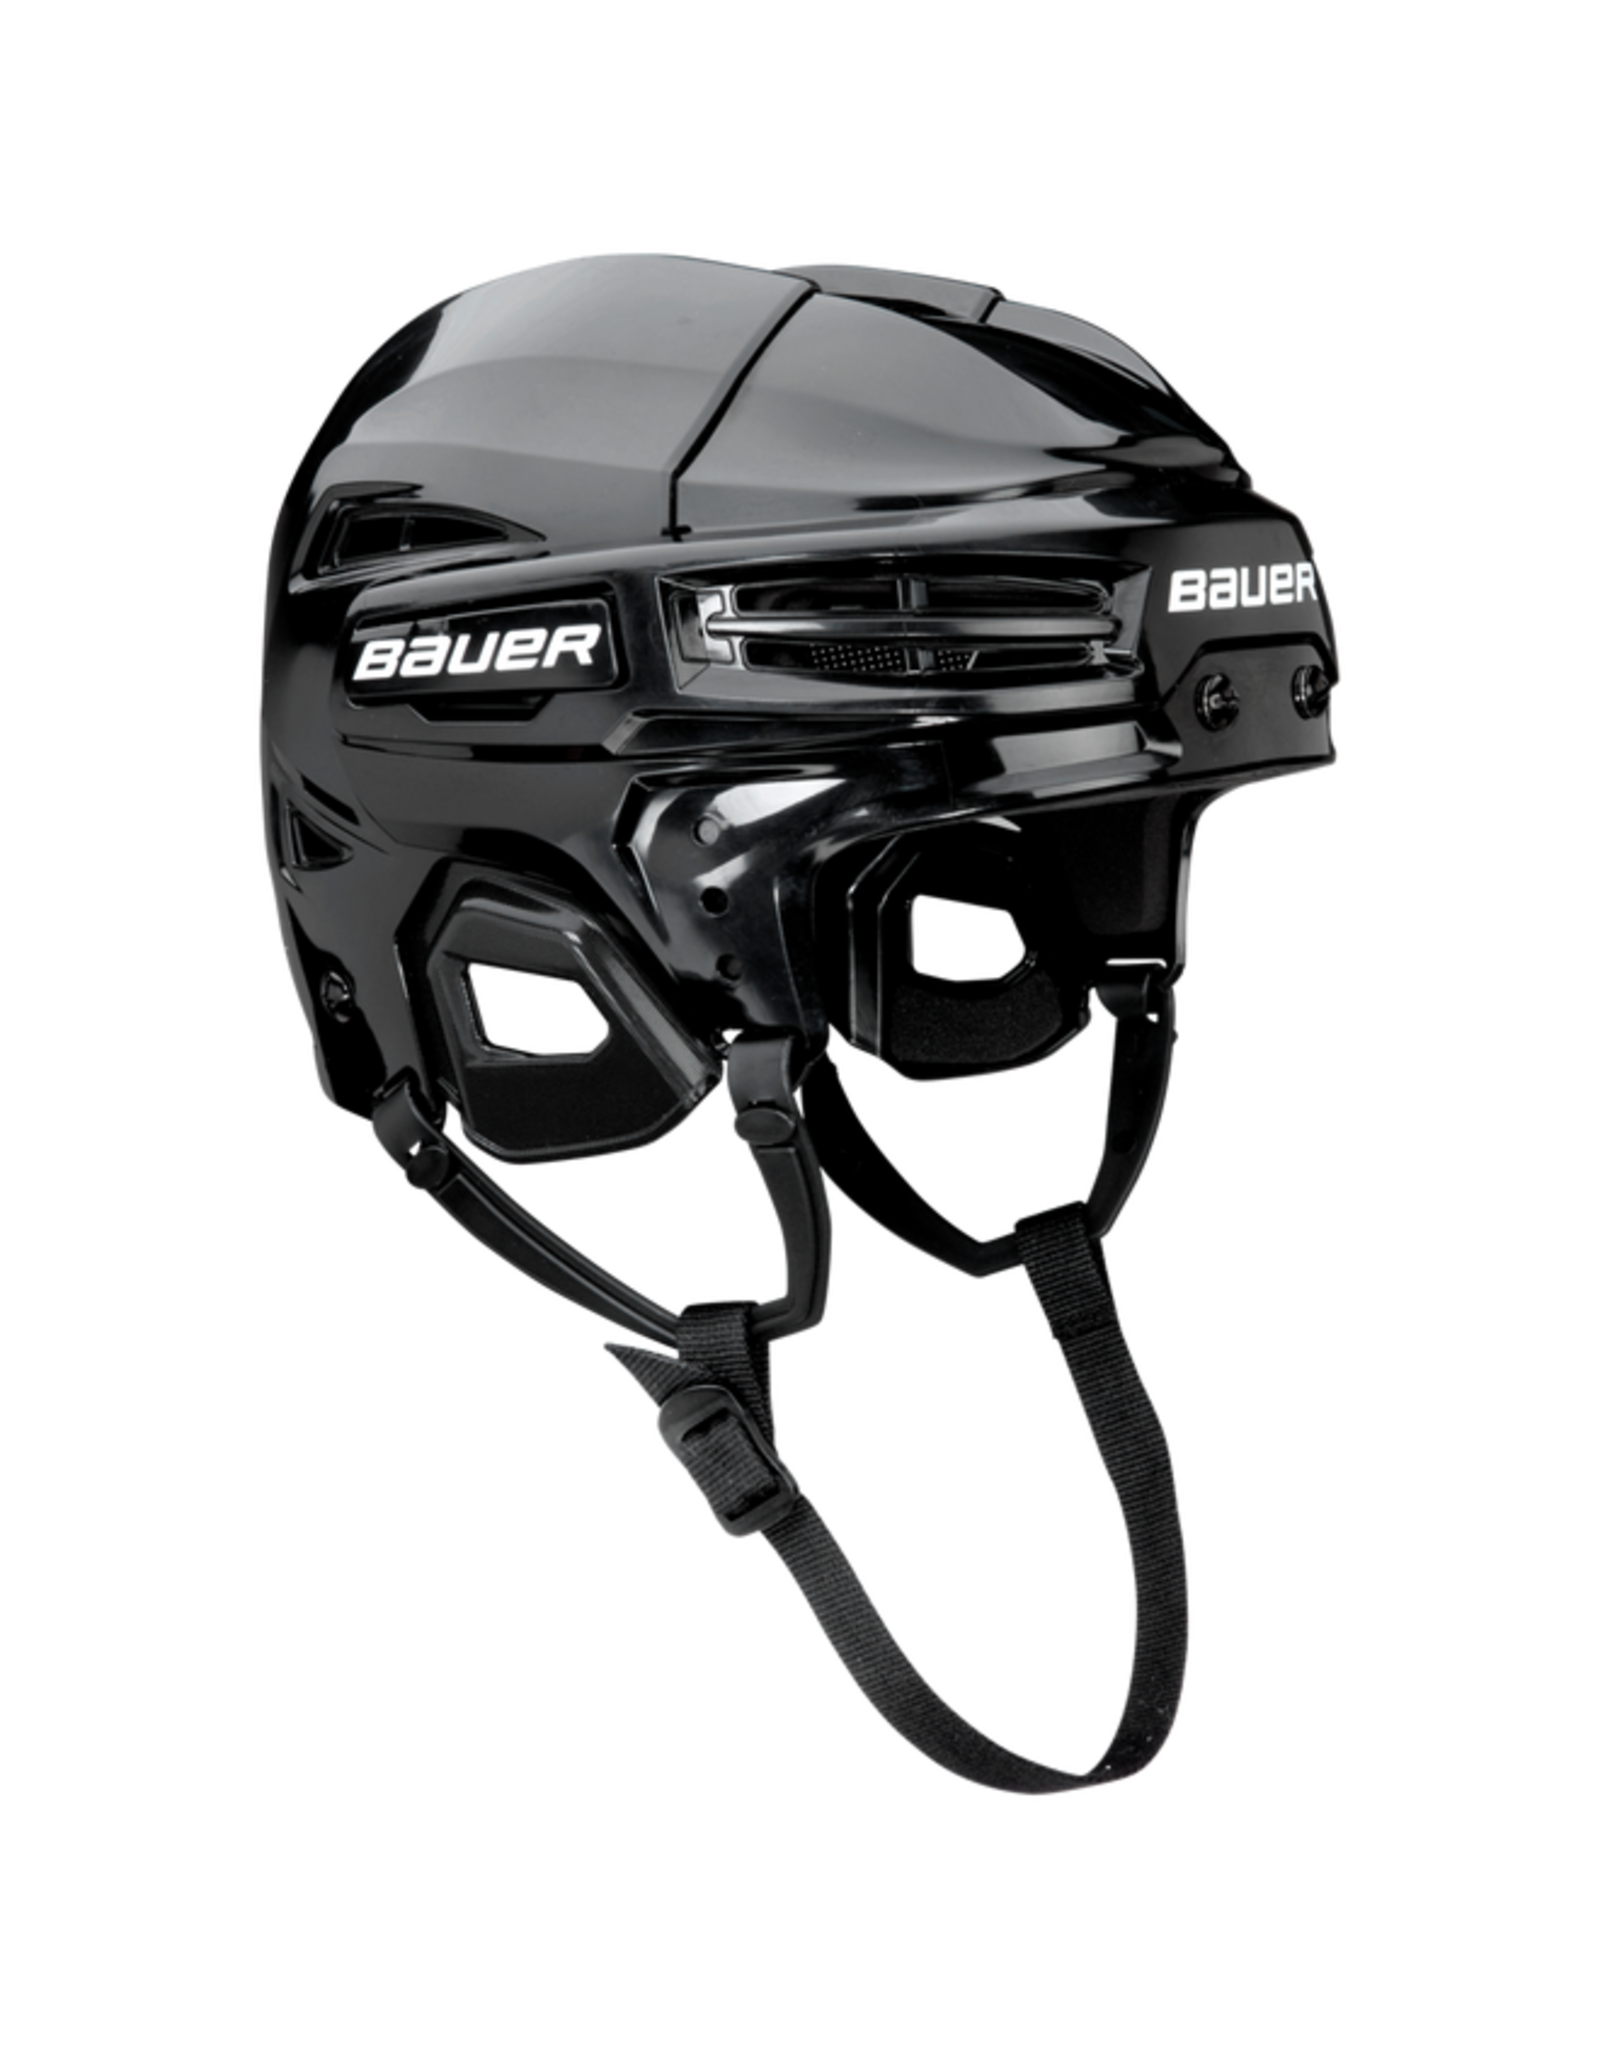 Bauer Hockey - Canada BAUER IMS 5.0 HELMET